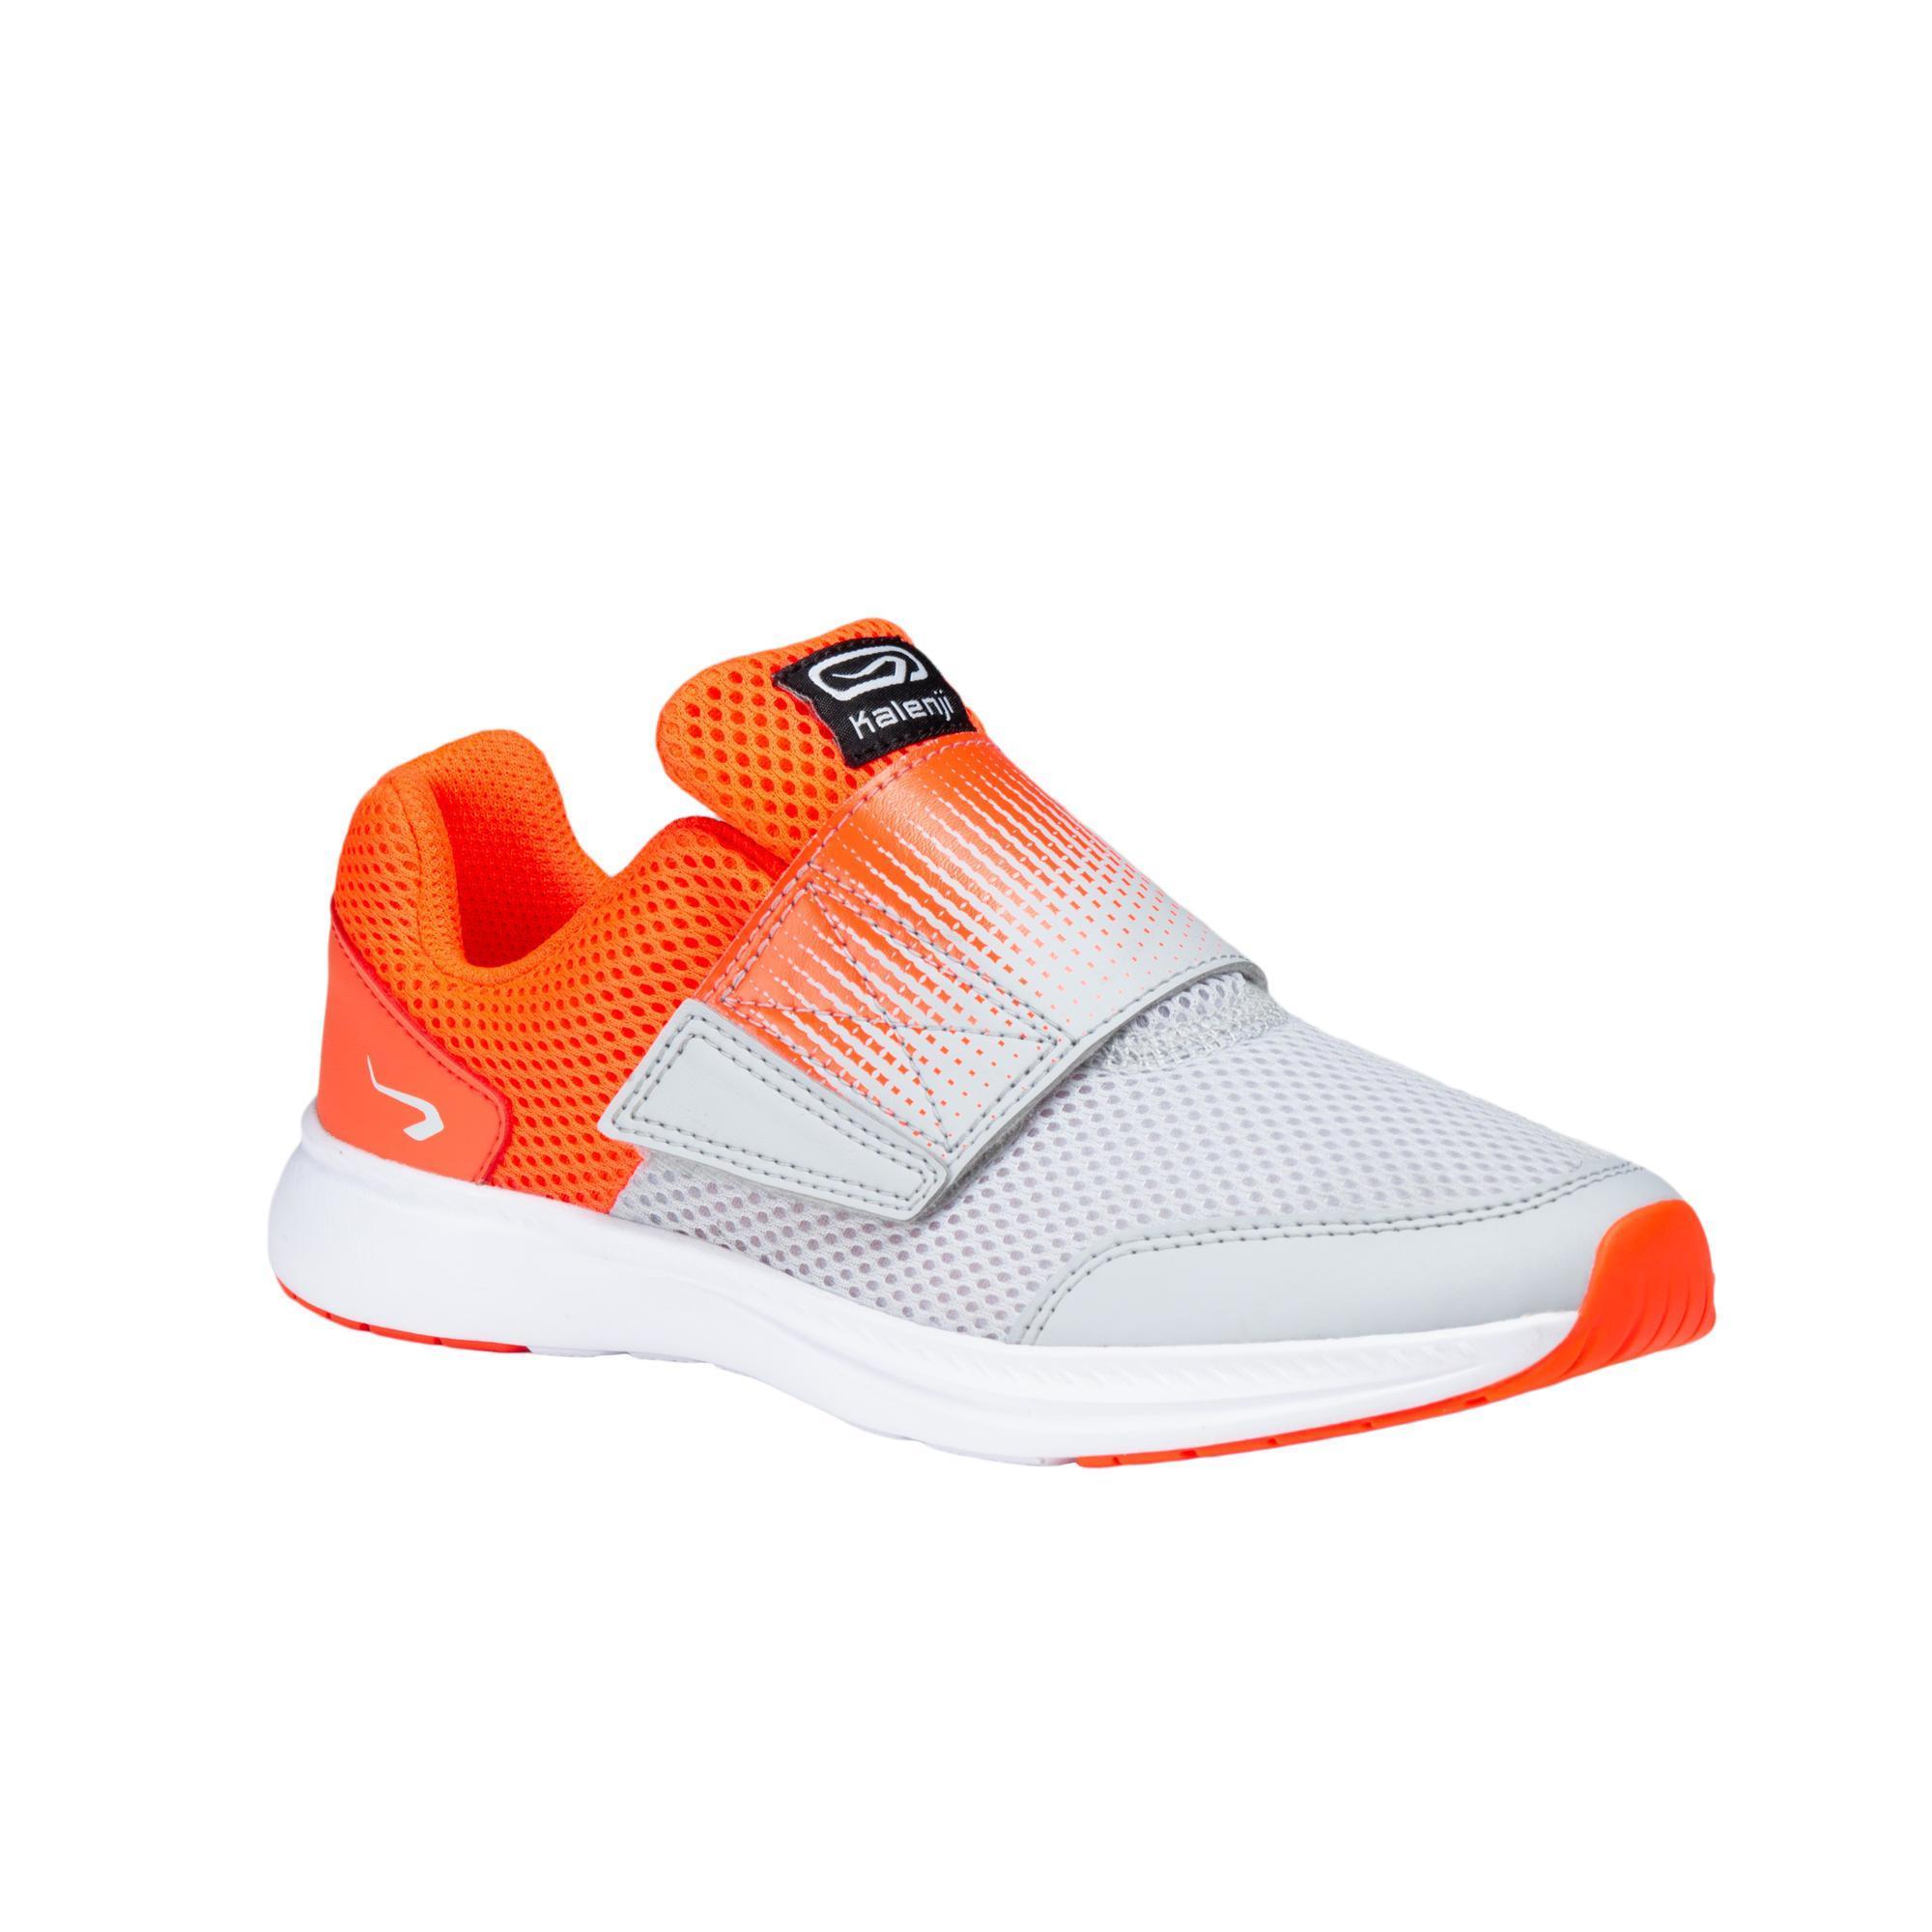 dernière collection conception populaire meilleure sélection Chaussures enfant Athlétisme - Chaussures de running pour ...